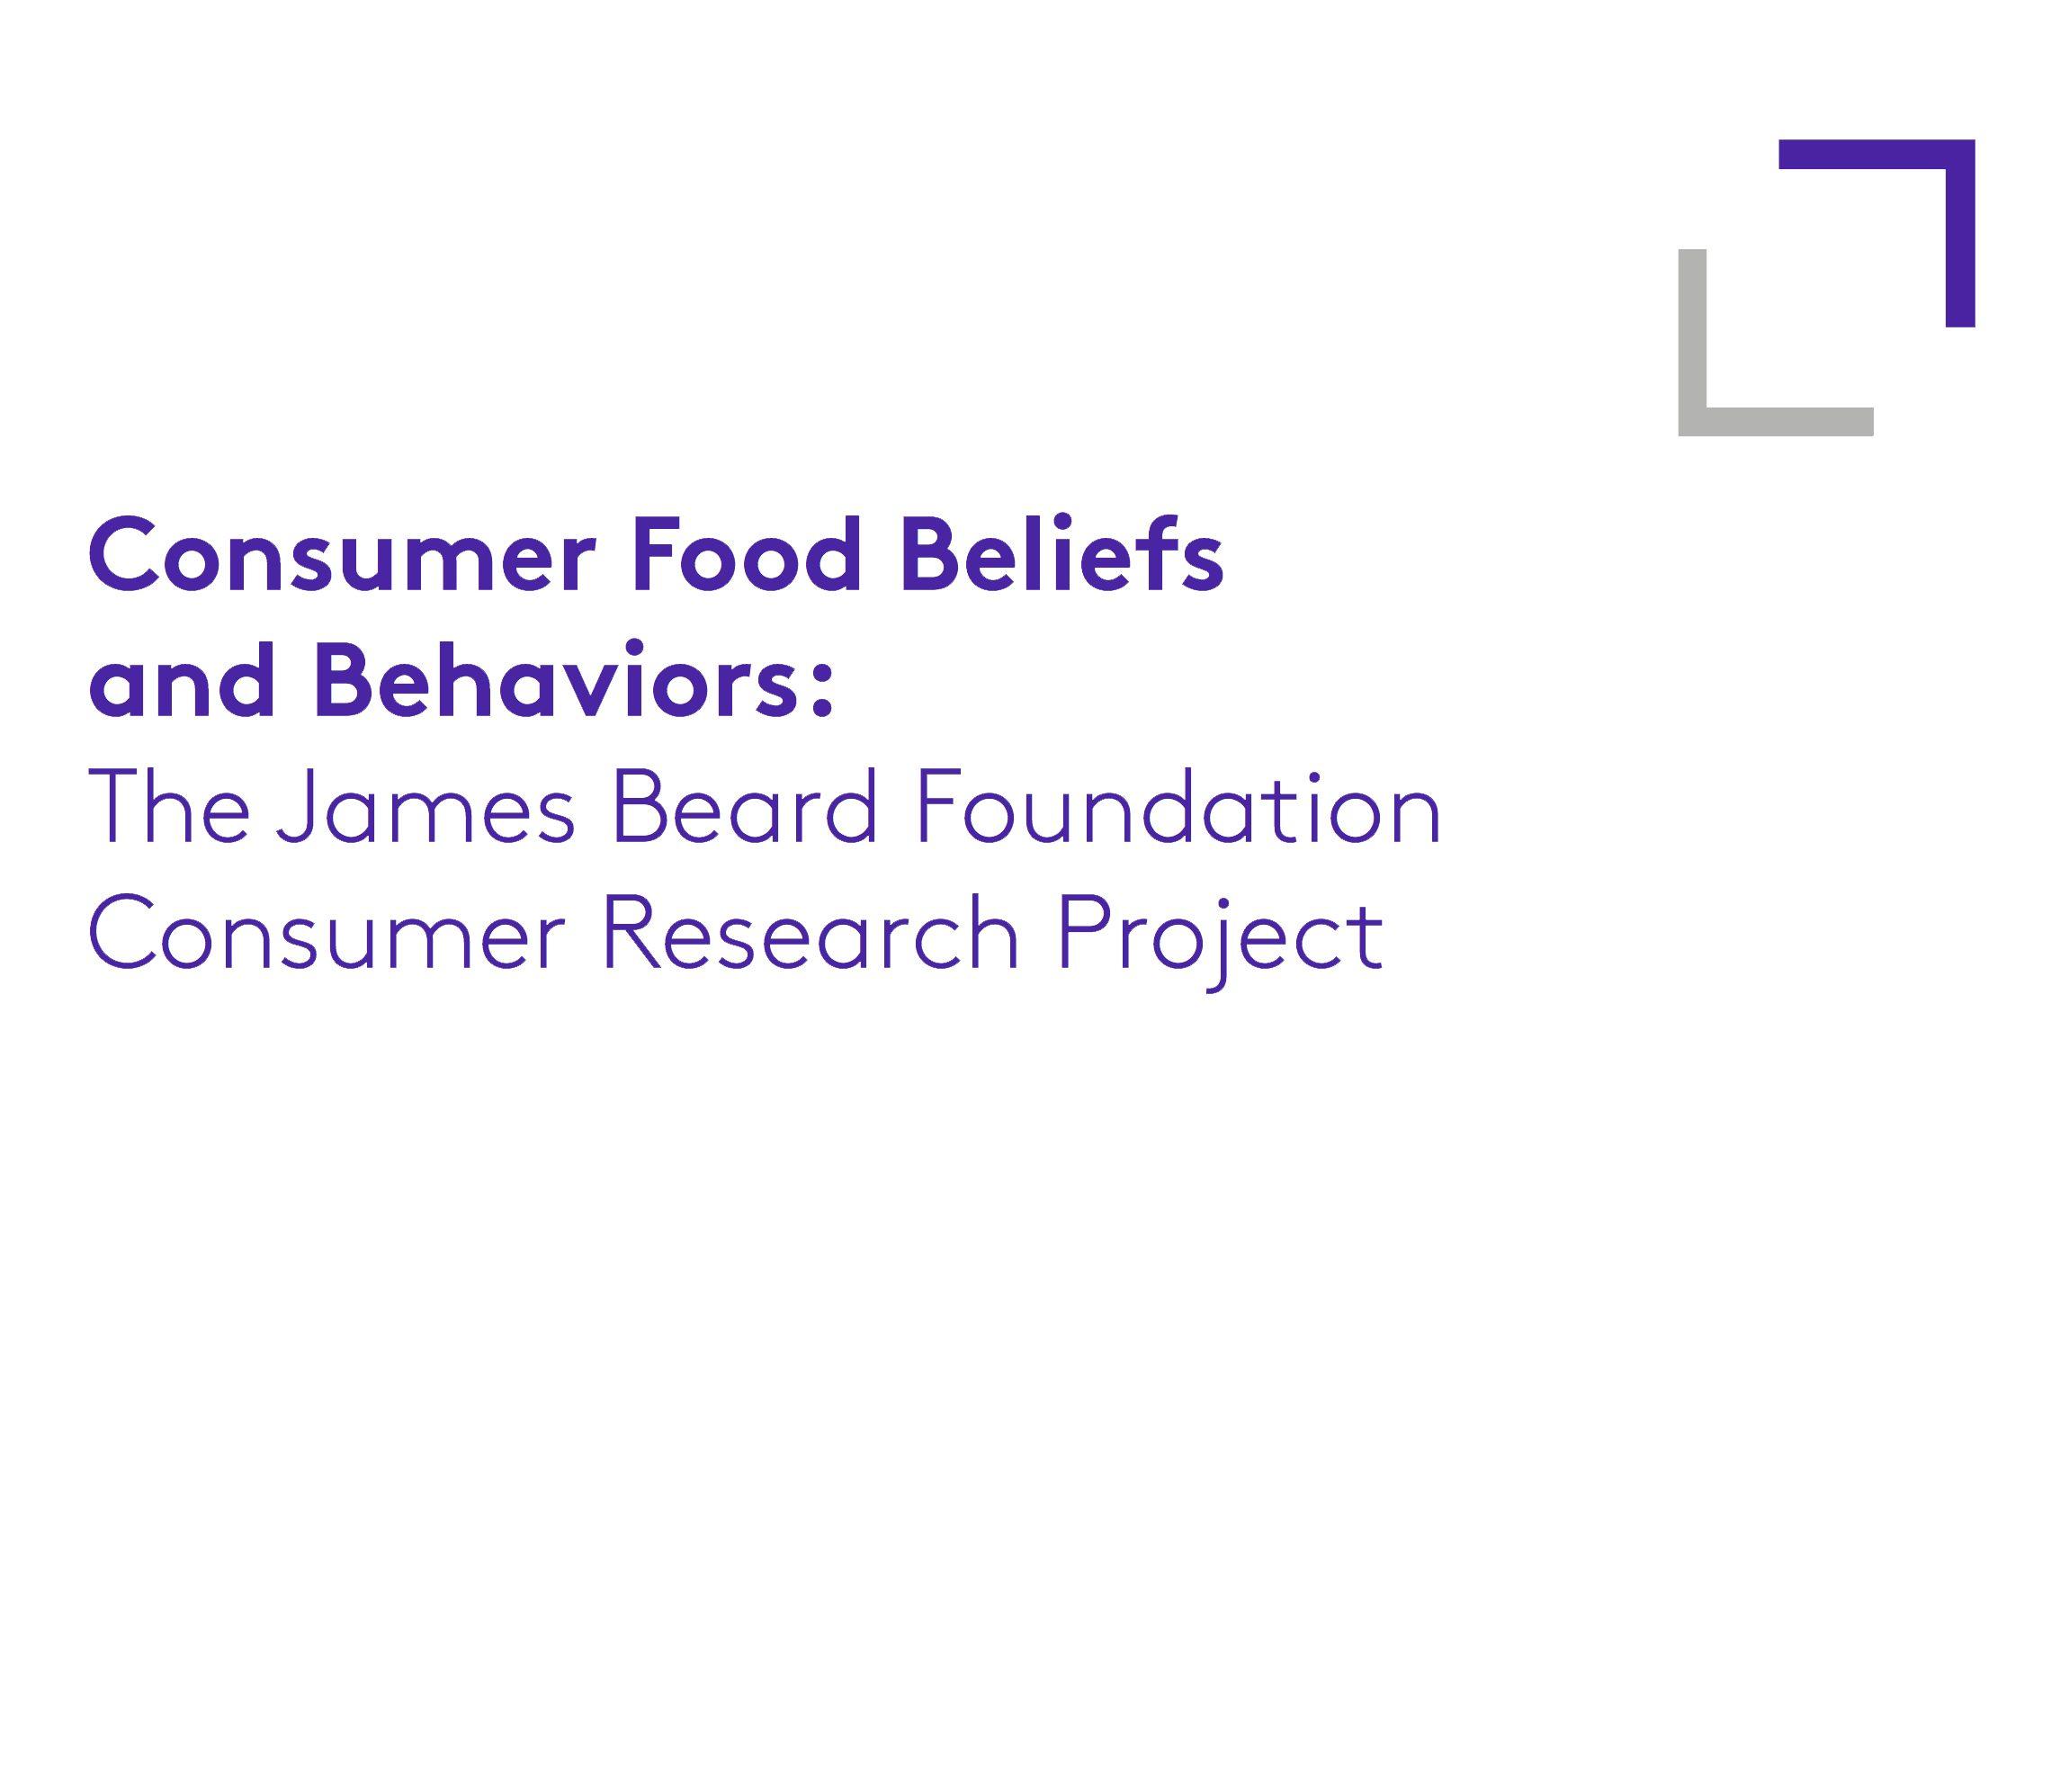 Consumer Food Beliefs and Behaviors